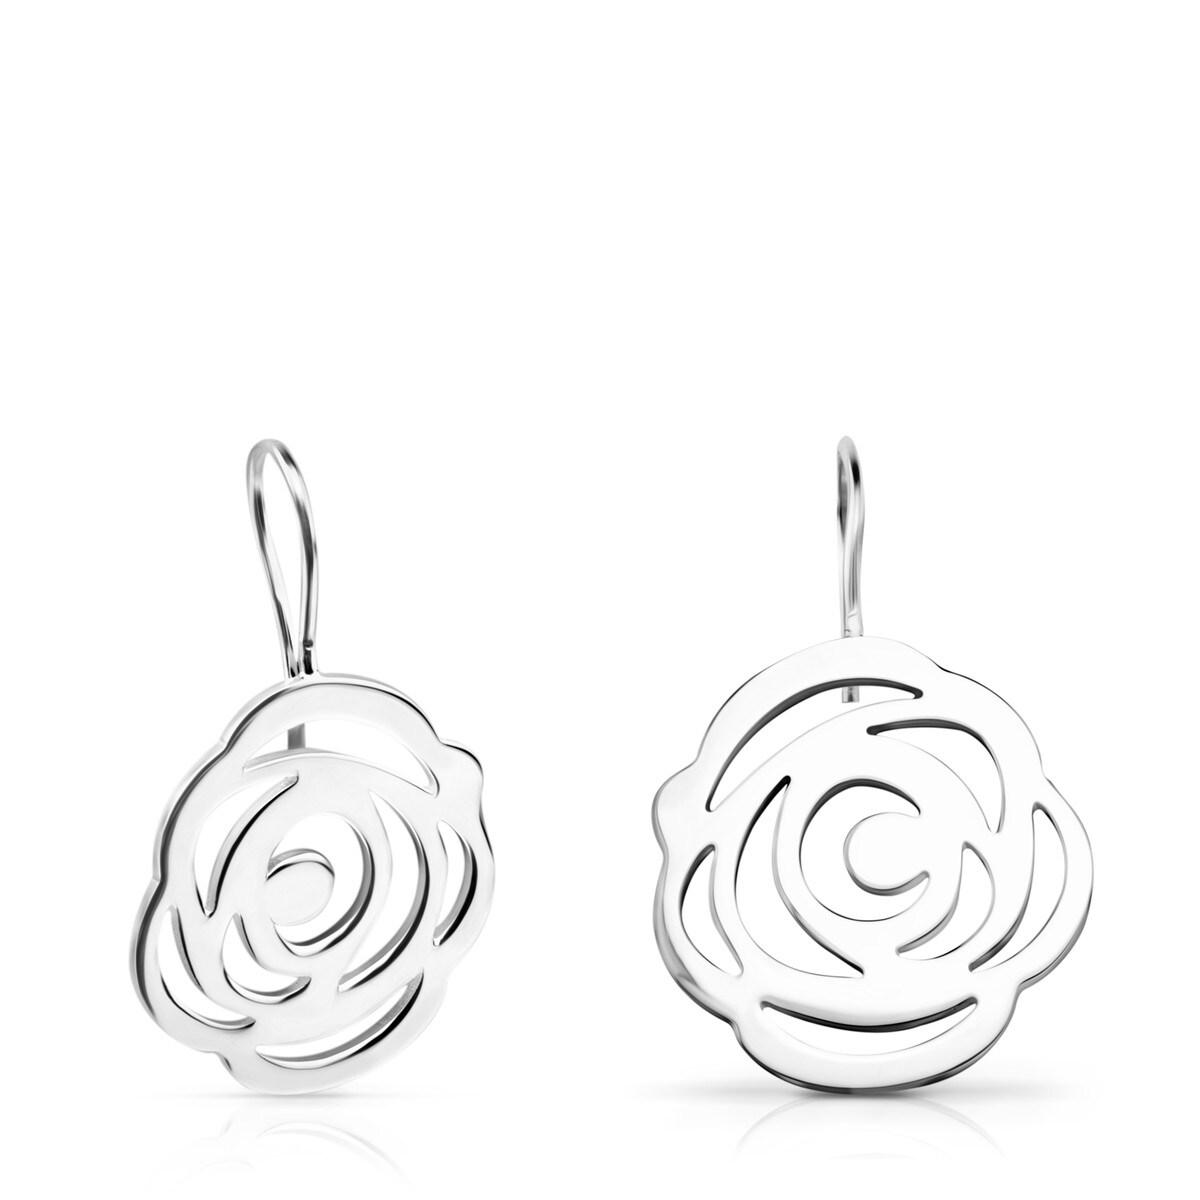 4db1b7099bb0 Aretes Rosa de Abril de Plata - Tous Site MX